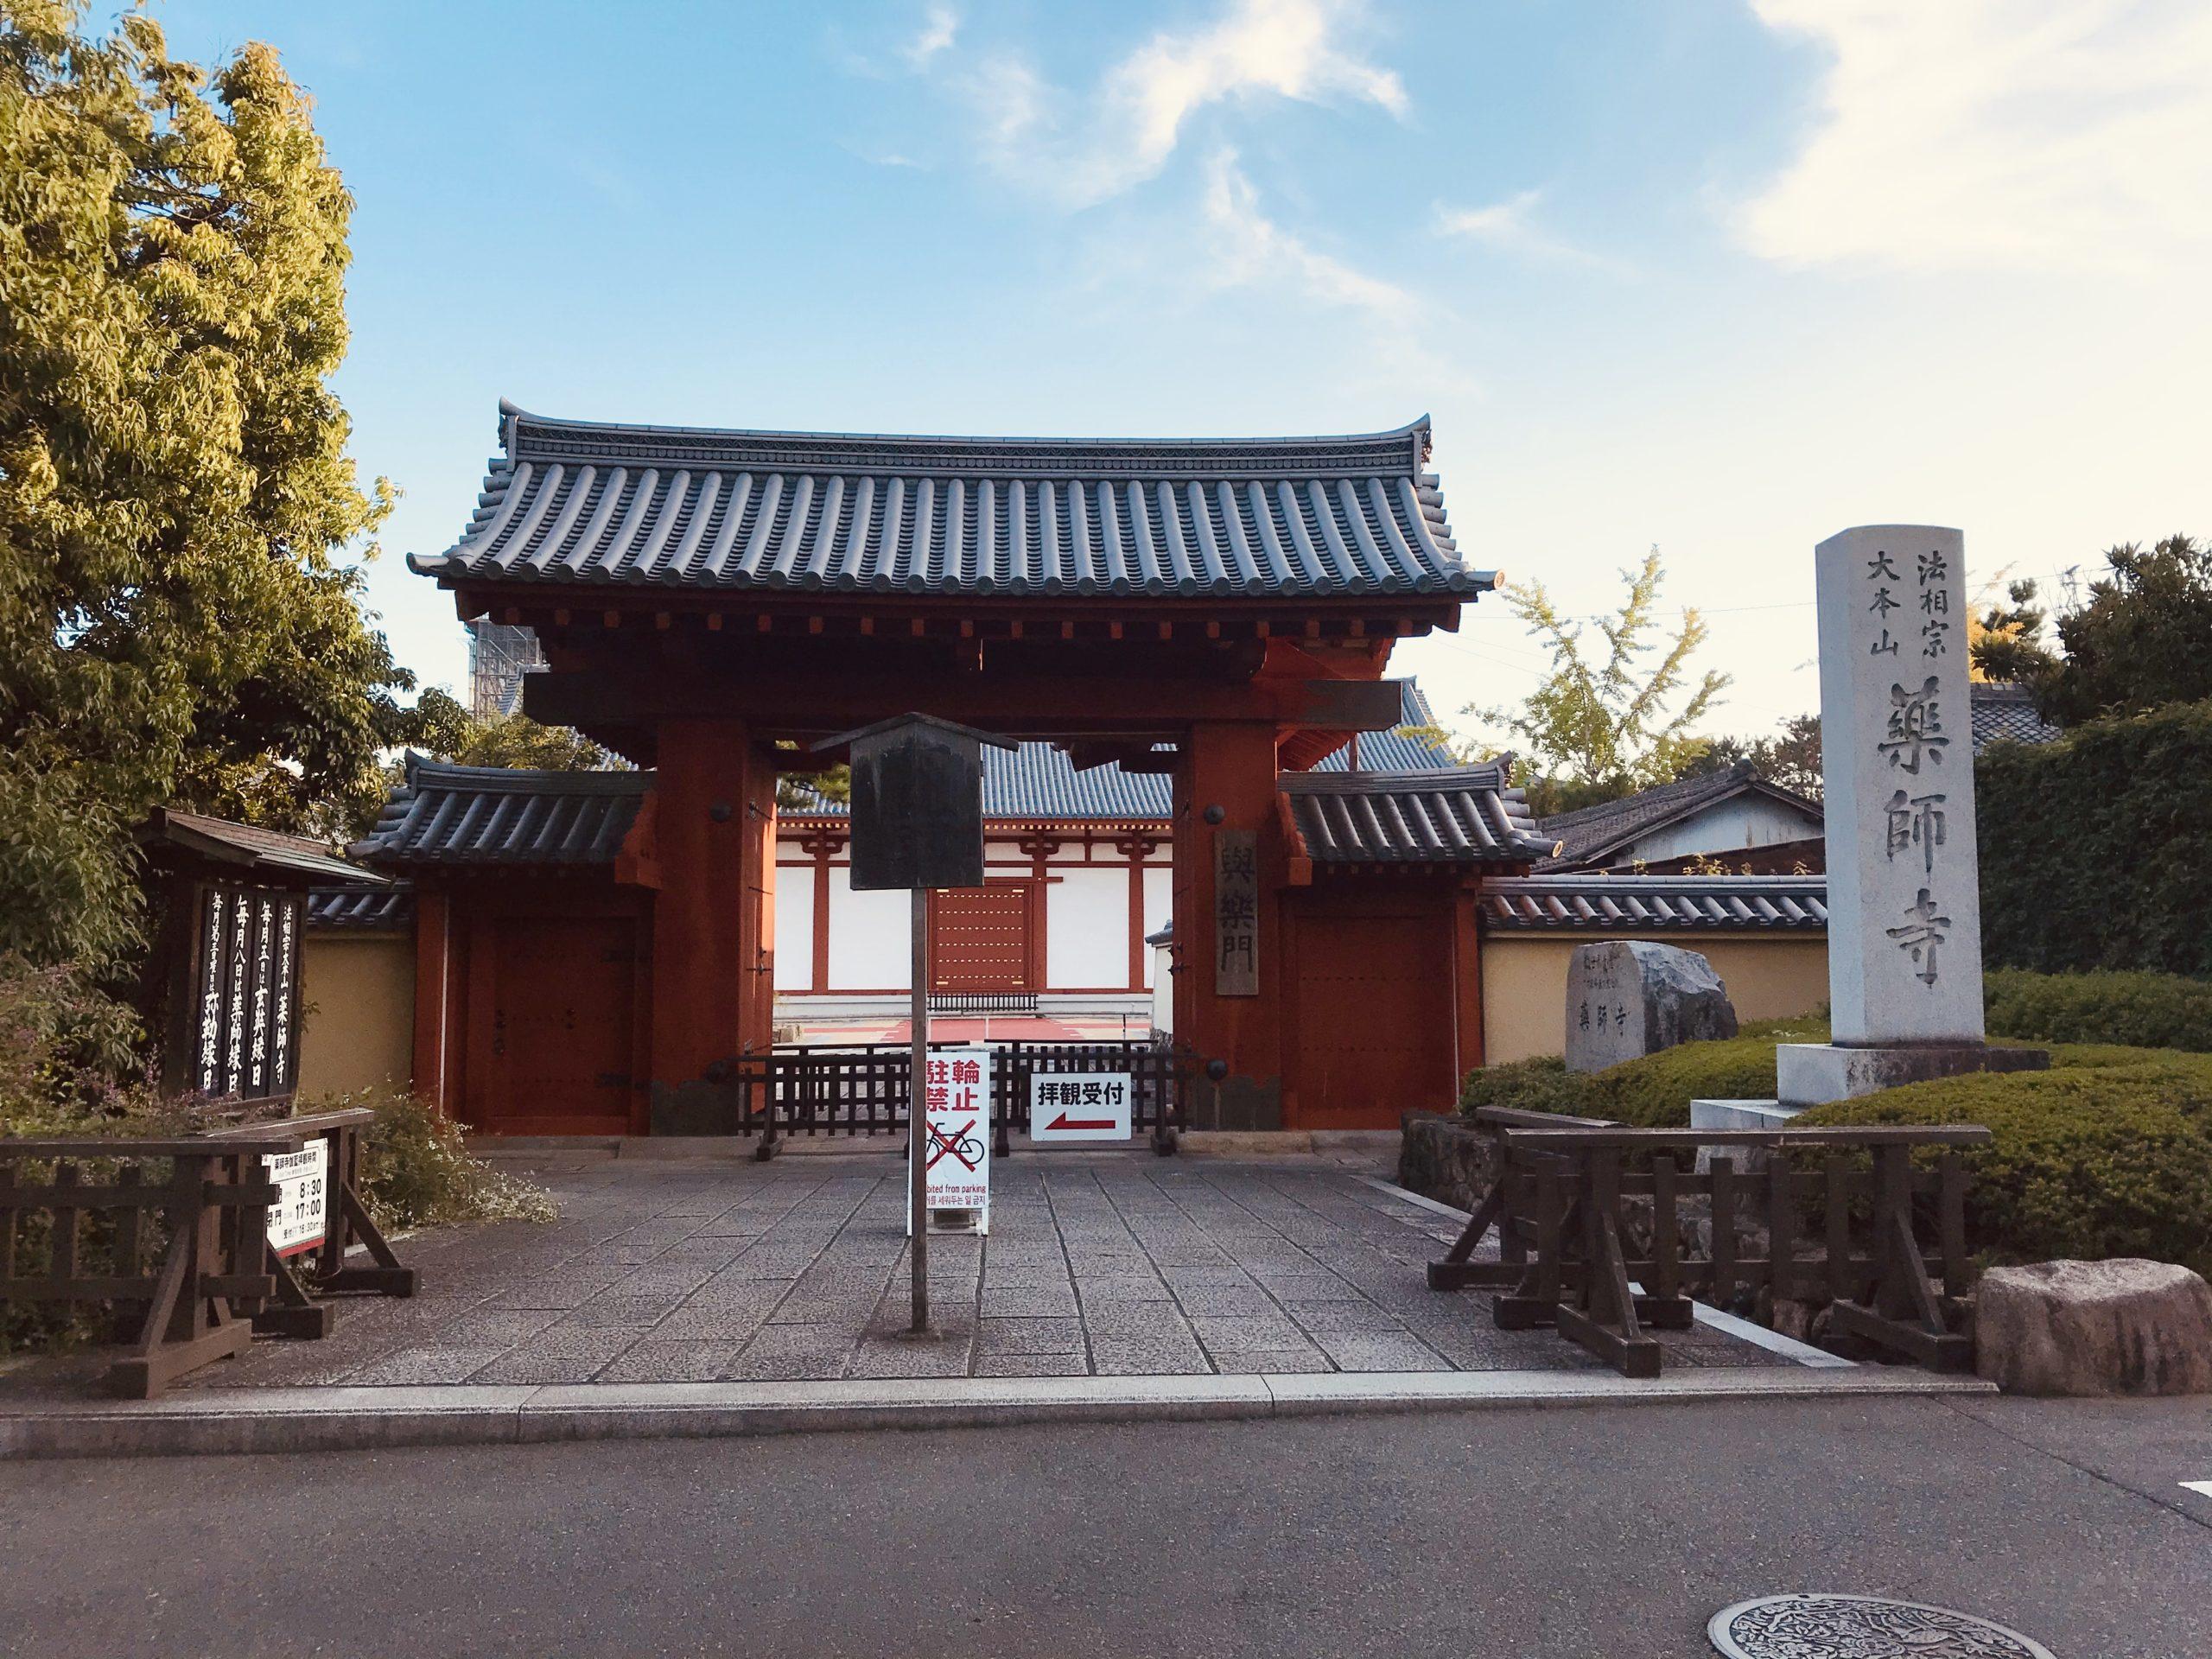 奈良の世界遺産・薬師寺